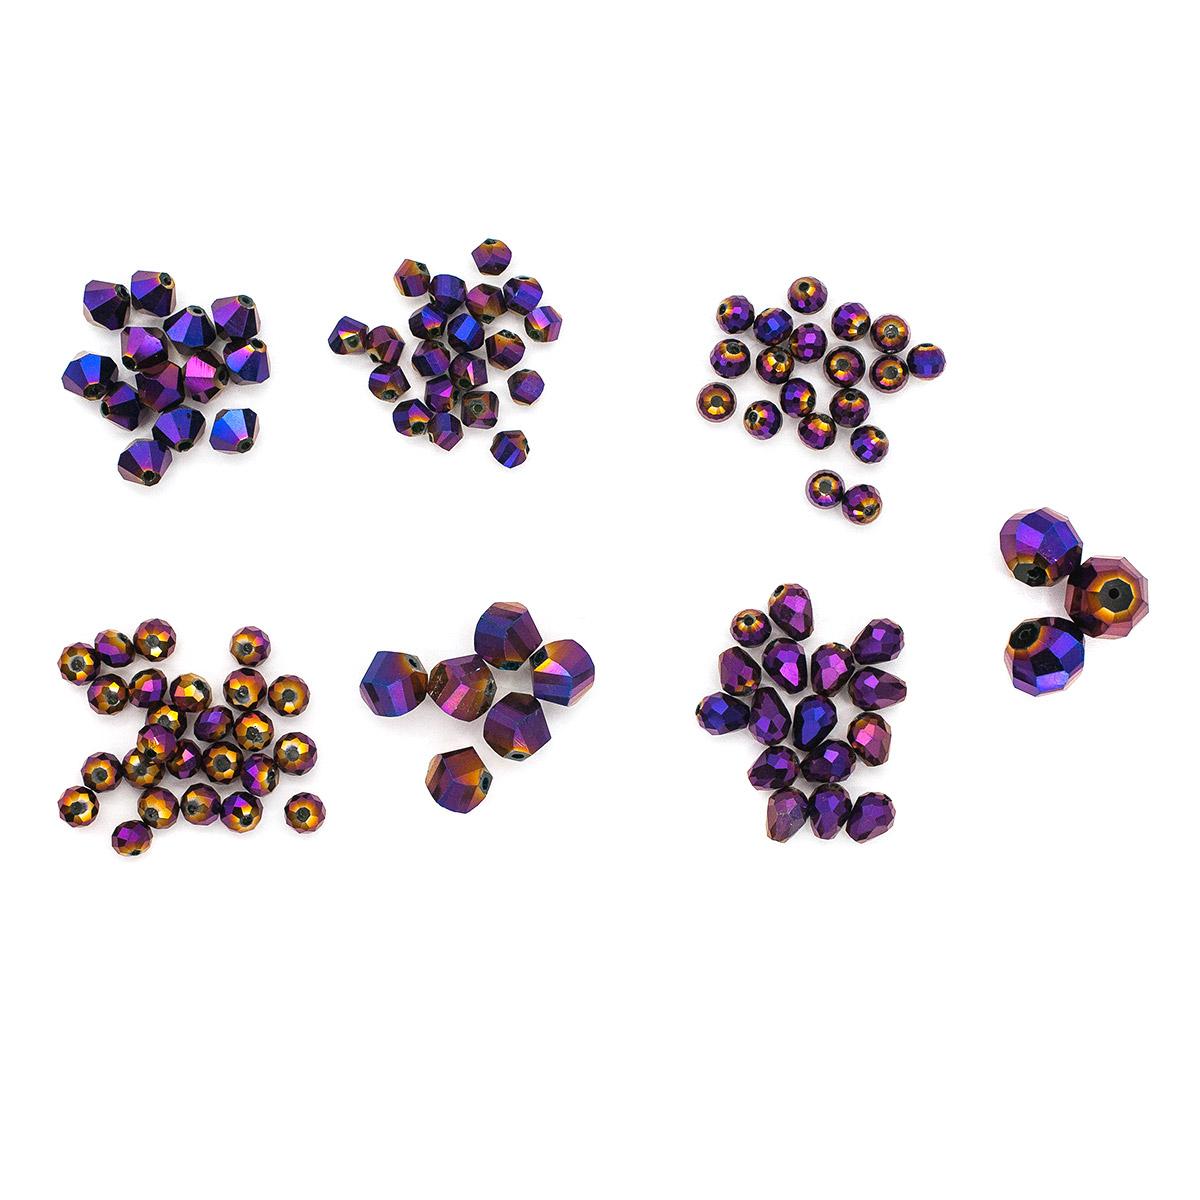 Набор стеклянных бусин 'Вечерний фиолетовый', 100+/-2 шт, Астра